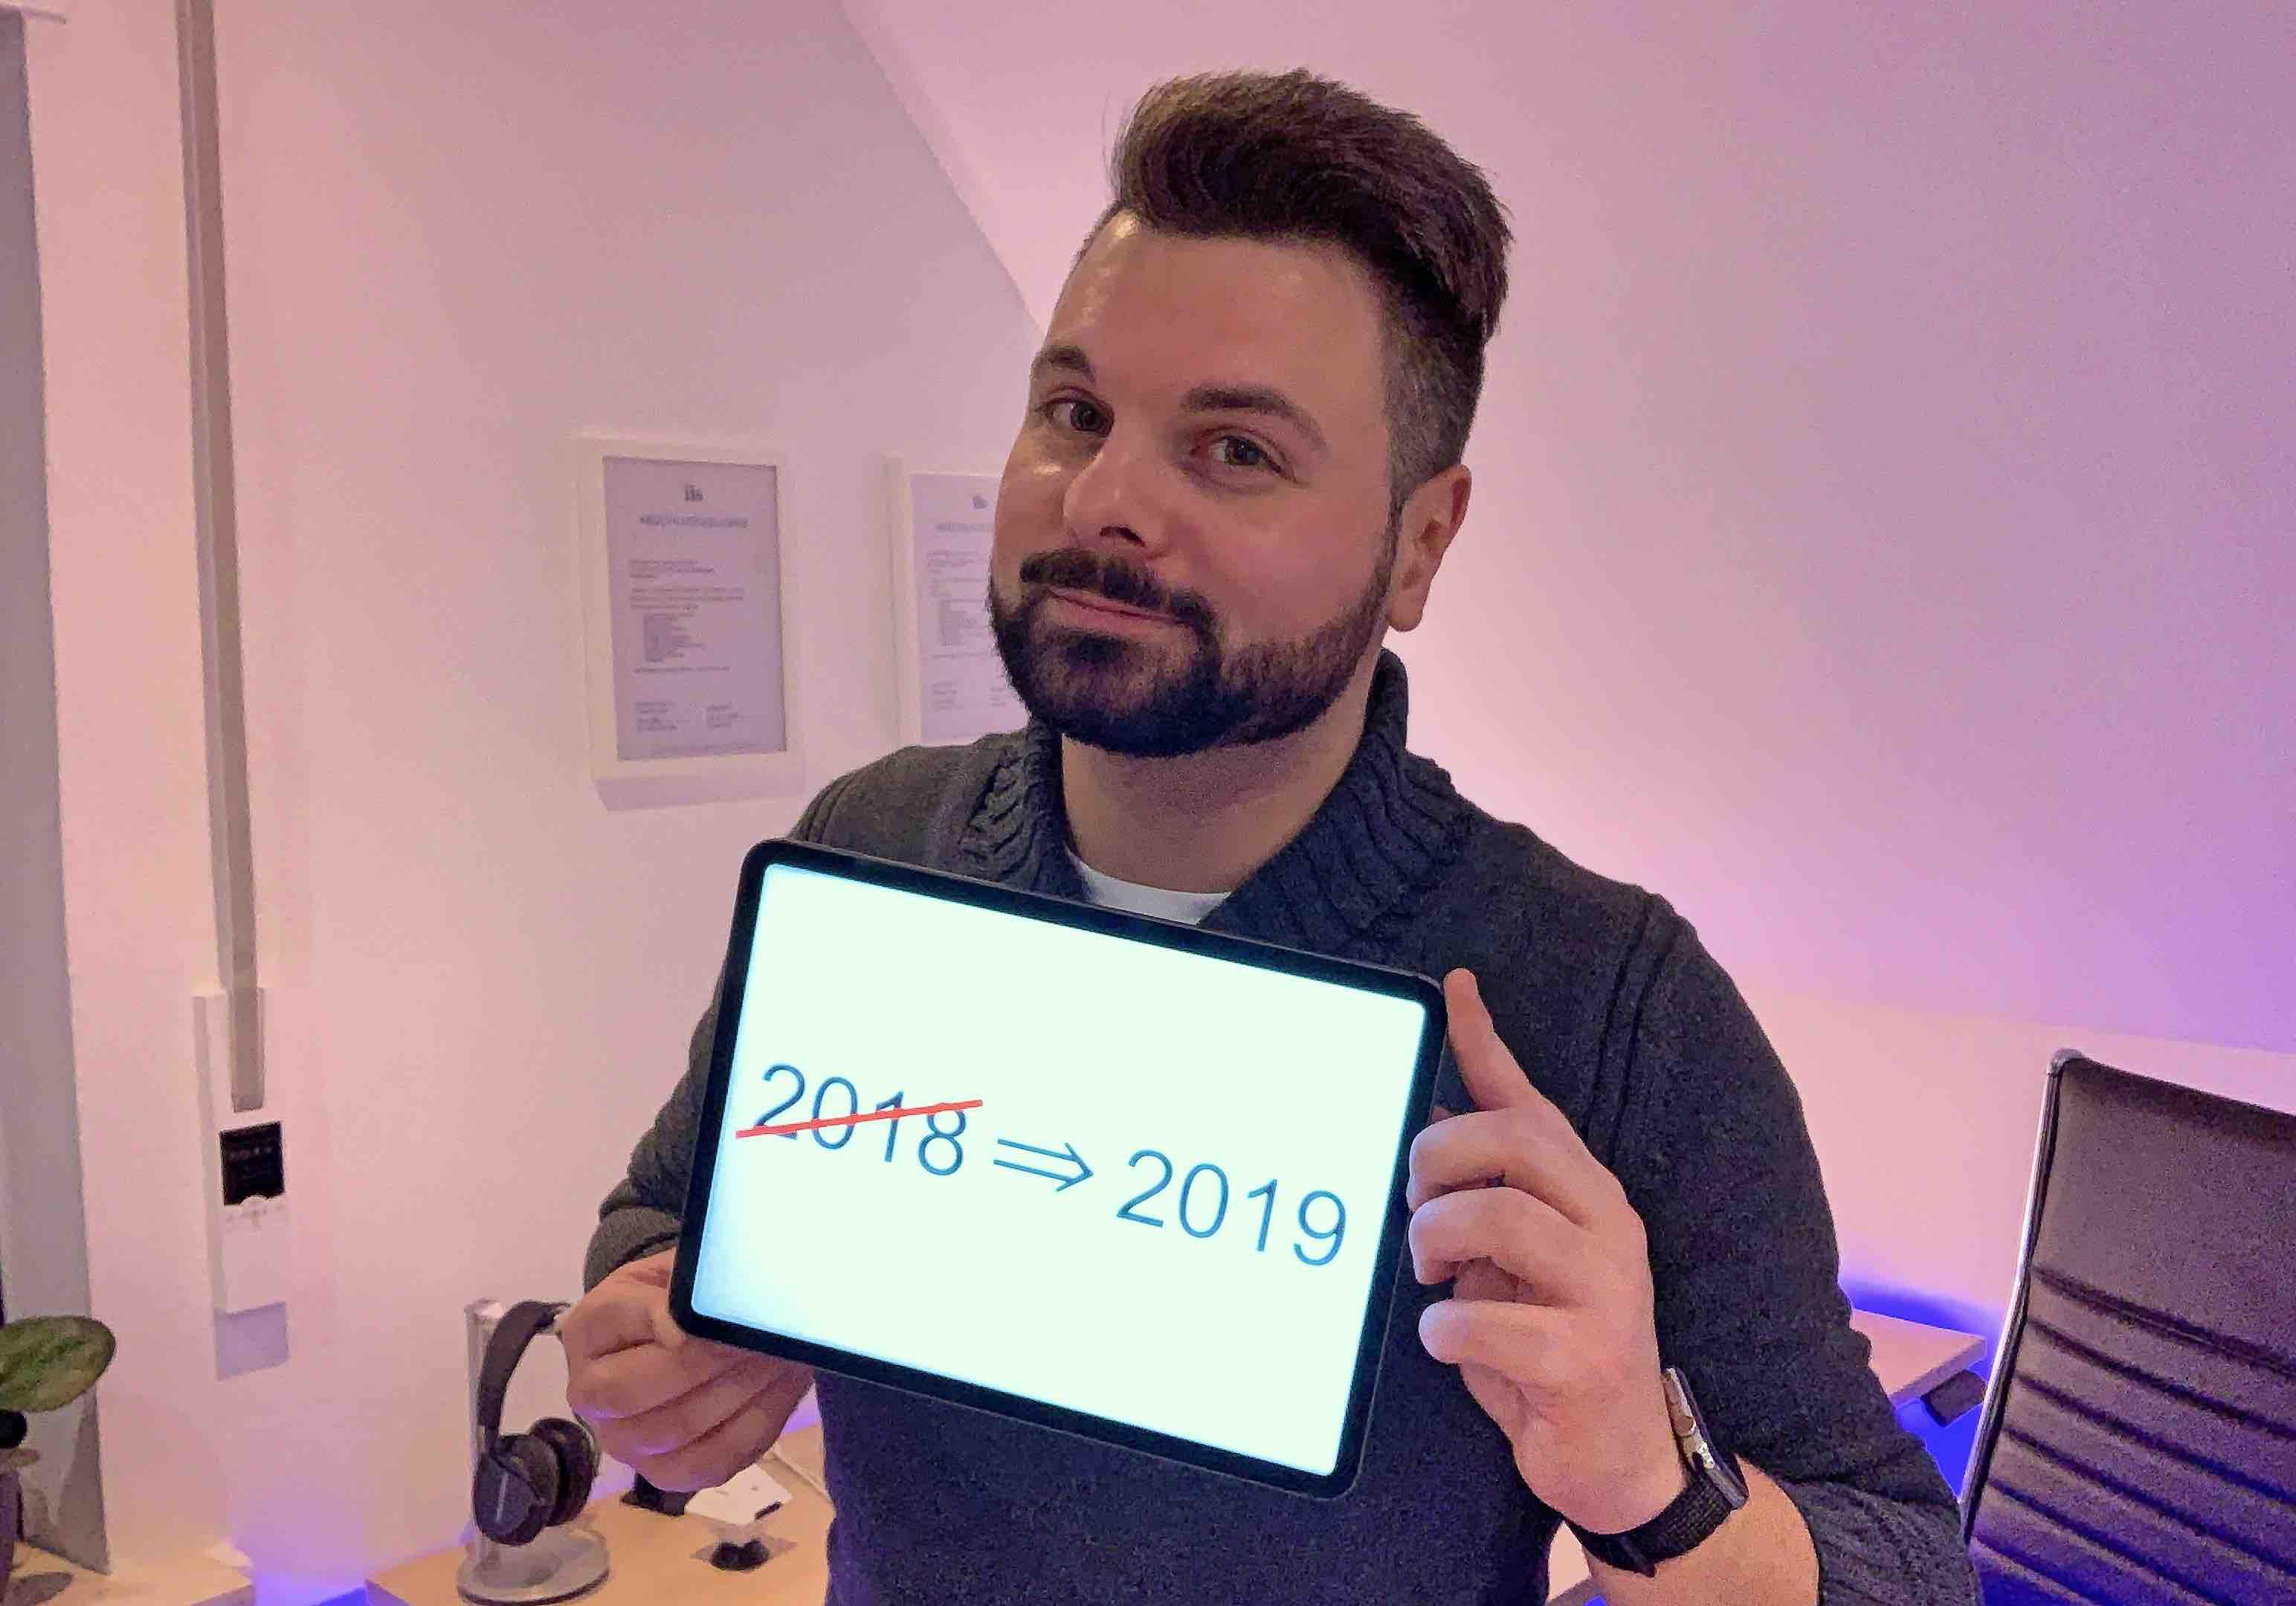 Matthias_Petrat_das_war_2018_Artikelbild Das war 2018 und was für 2019 ansteht